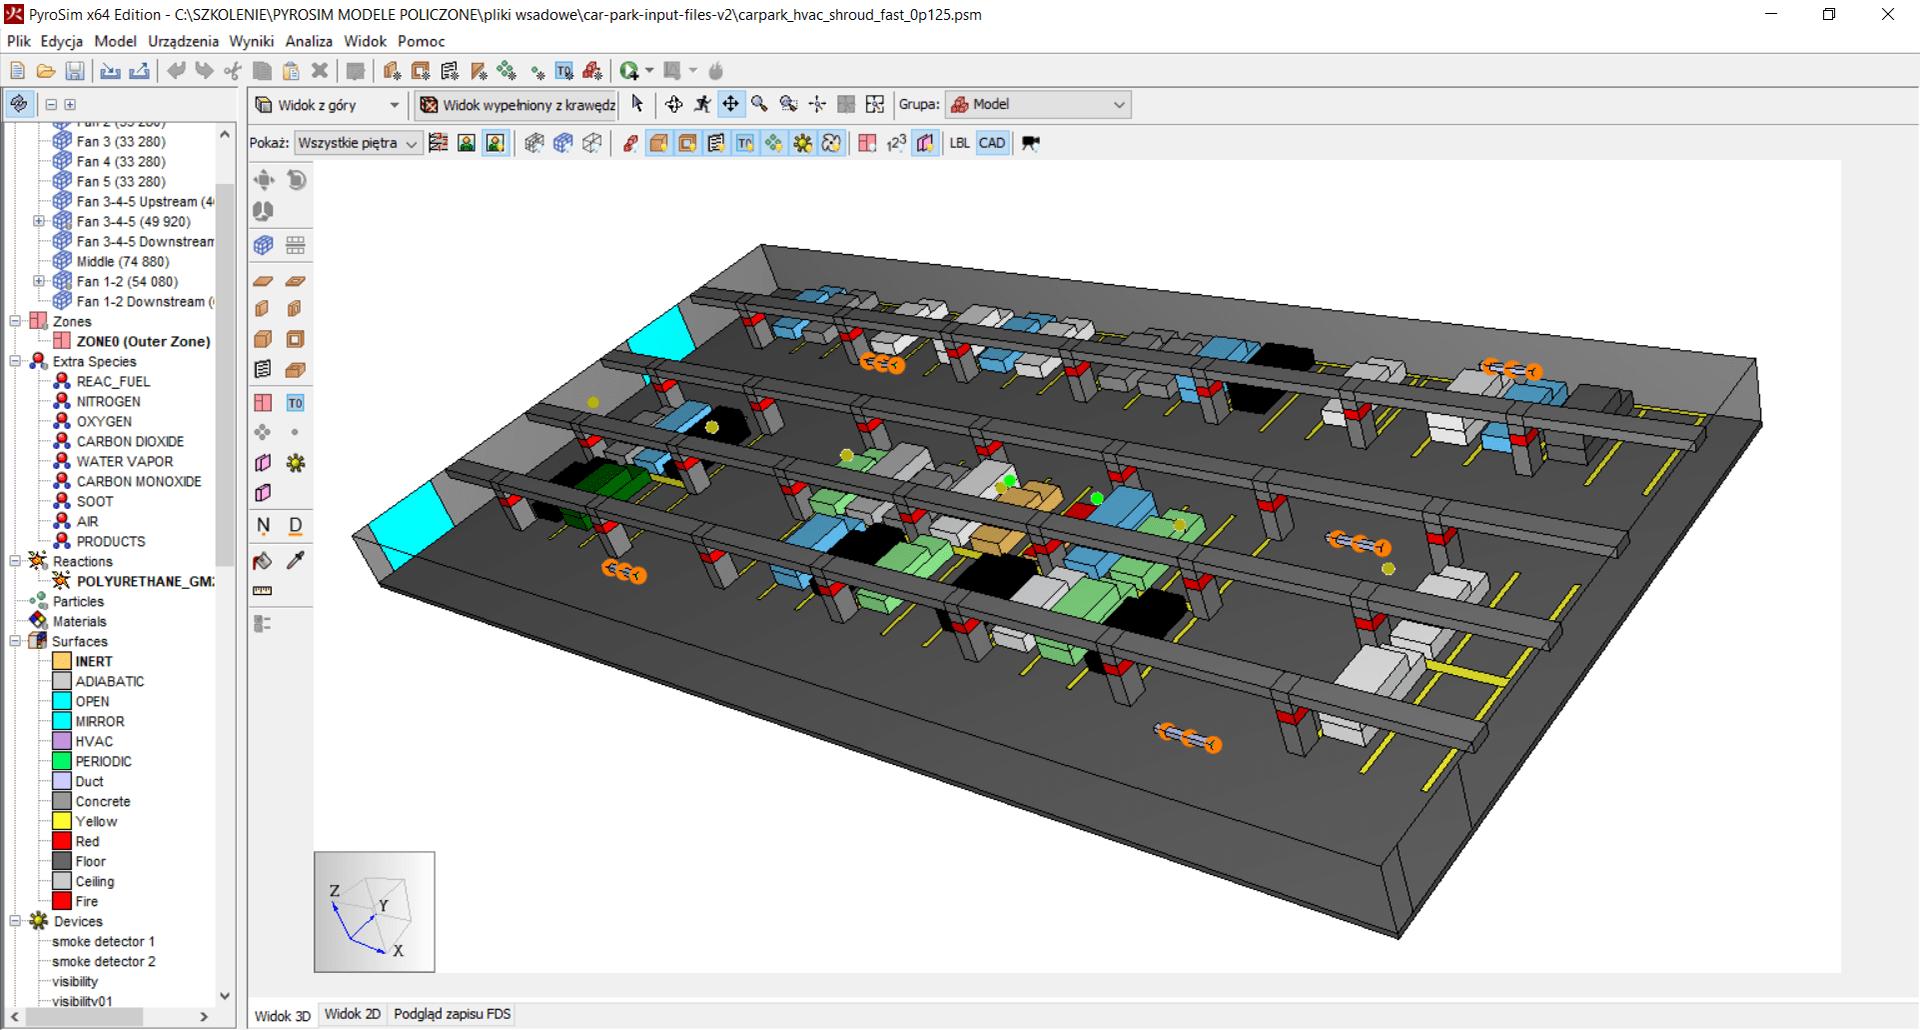 Widok 3D w programie PyroSim